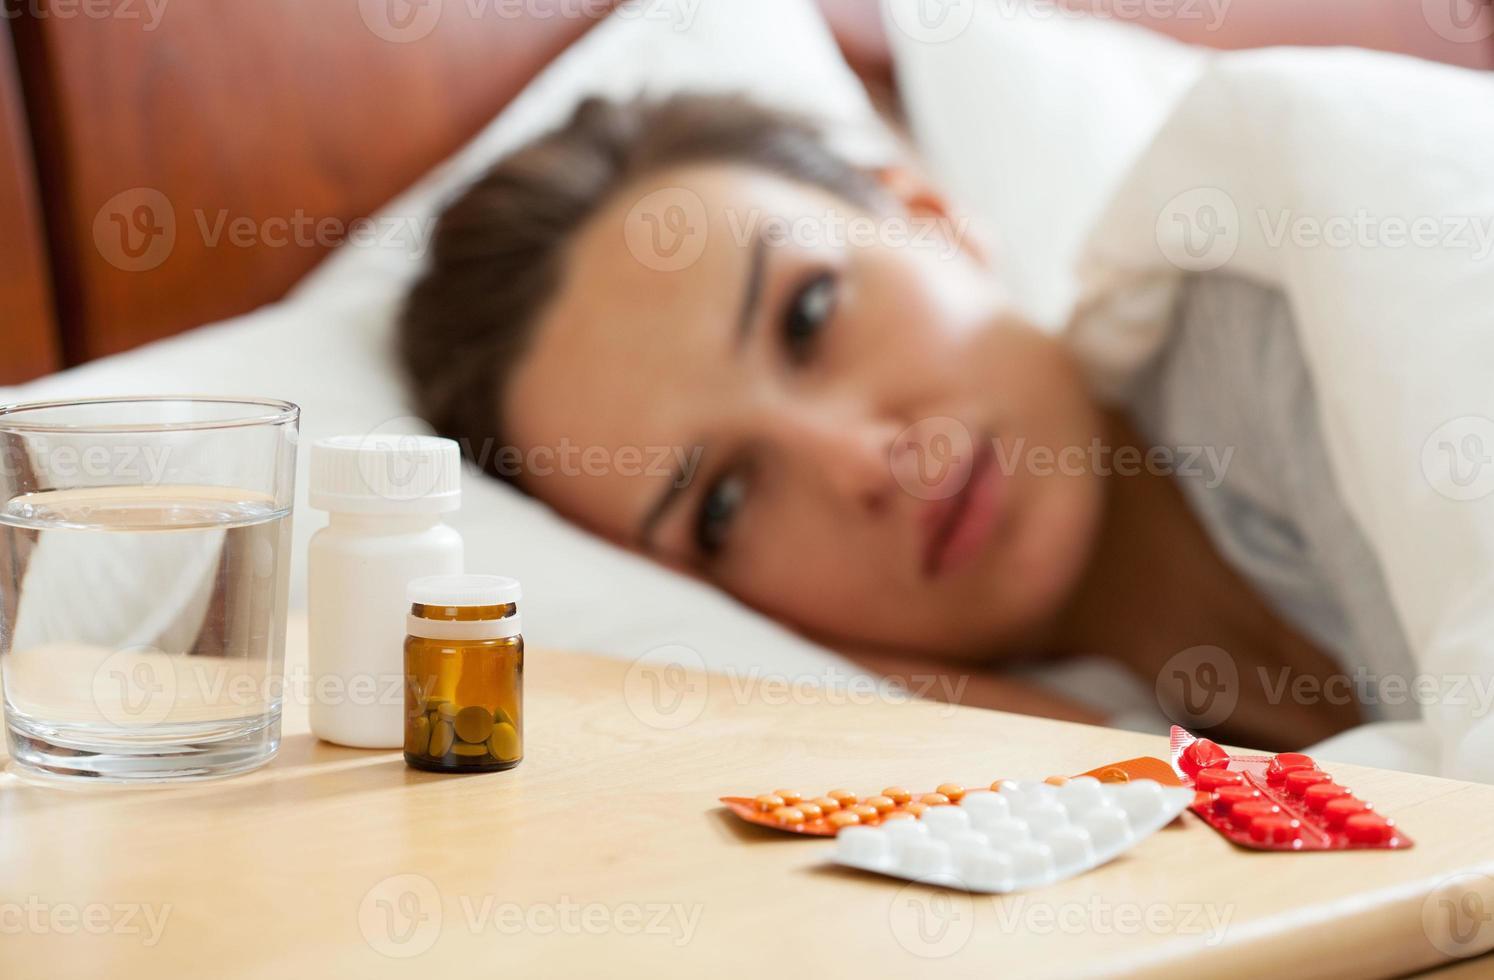 Medikamente für kranke Frauen foto